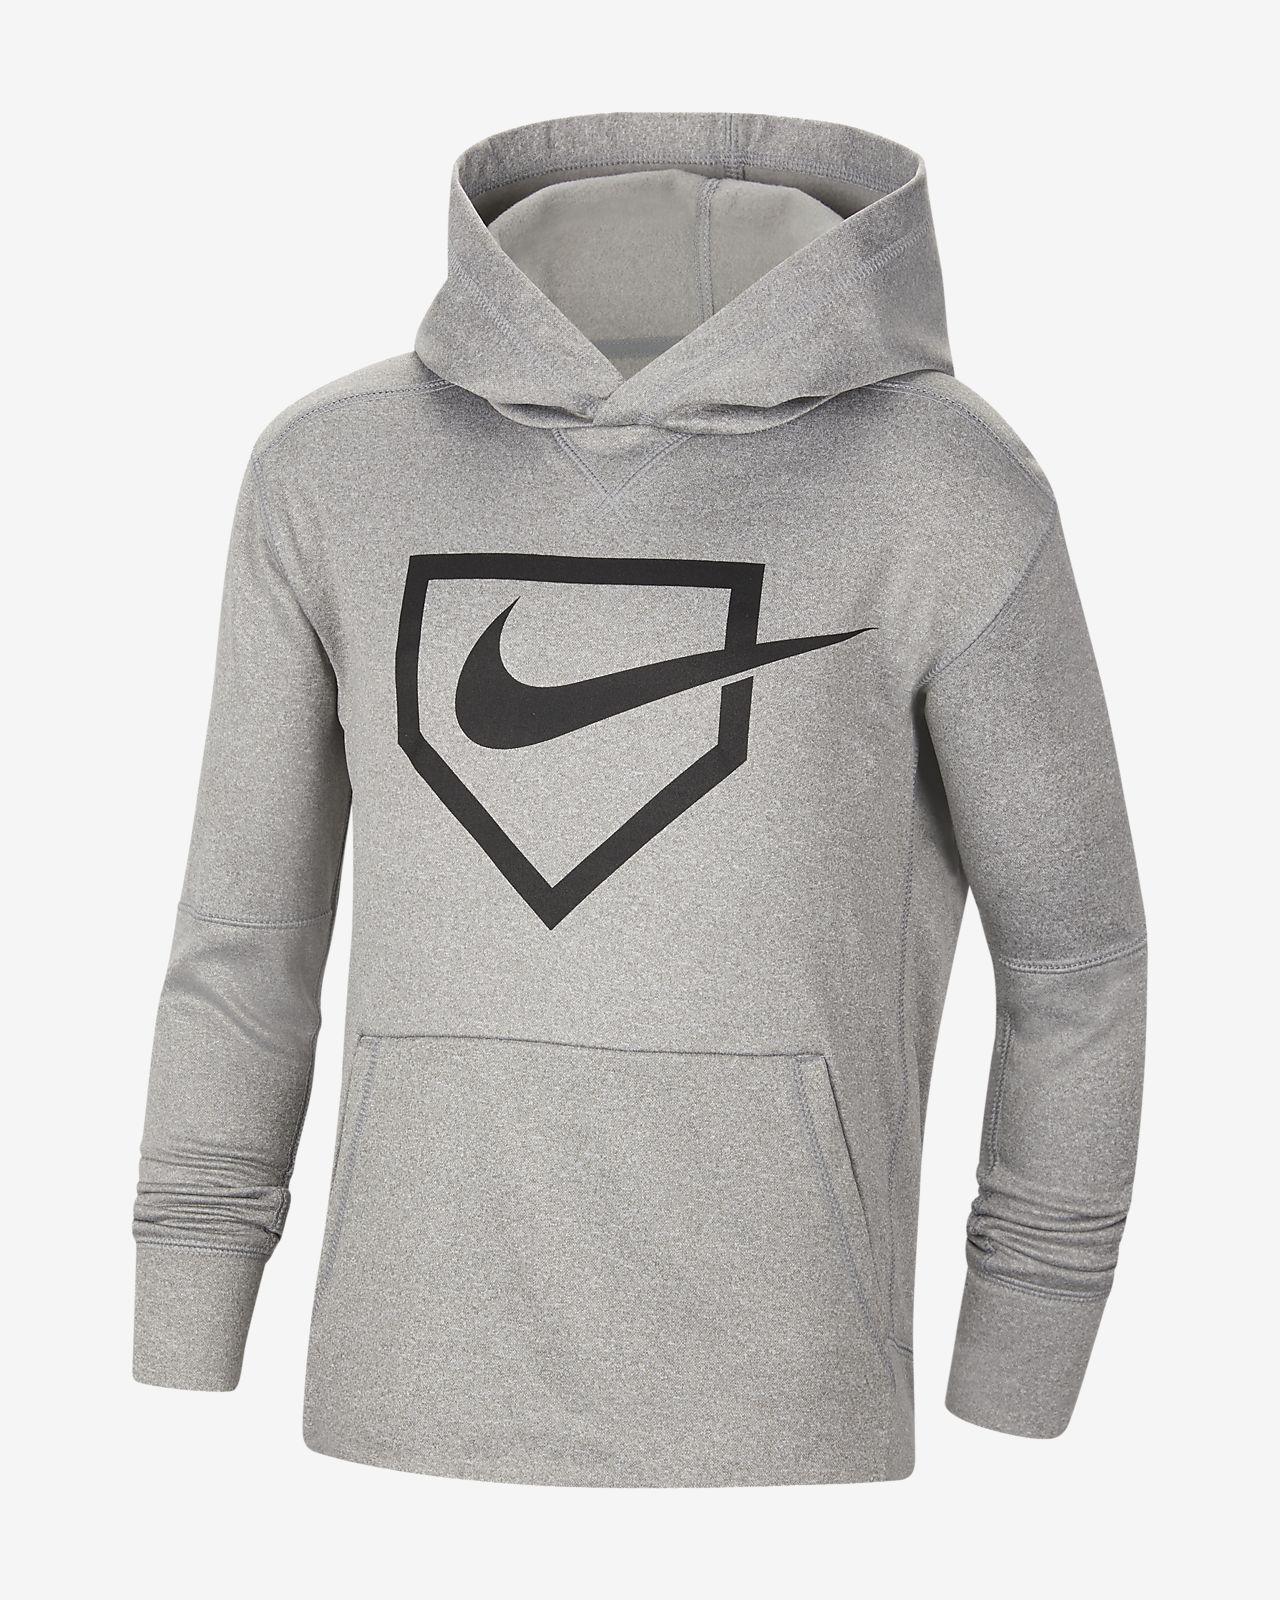 Nike Therma Big Kids' (Boys') Pullover Hoodie